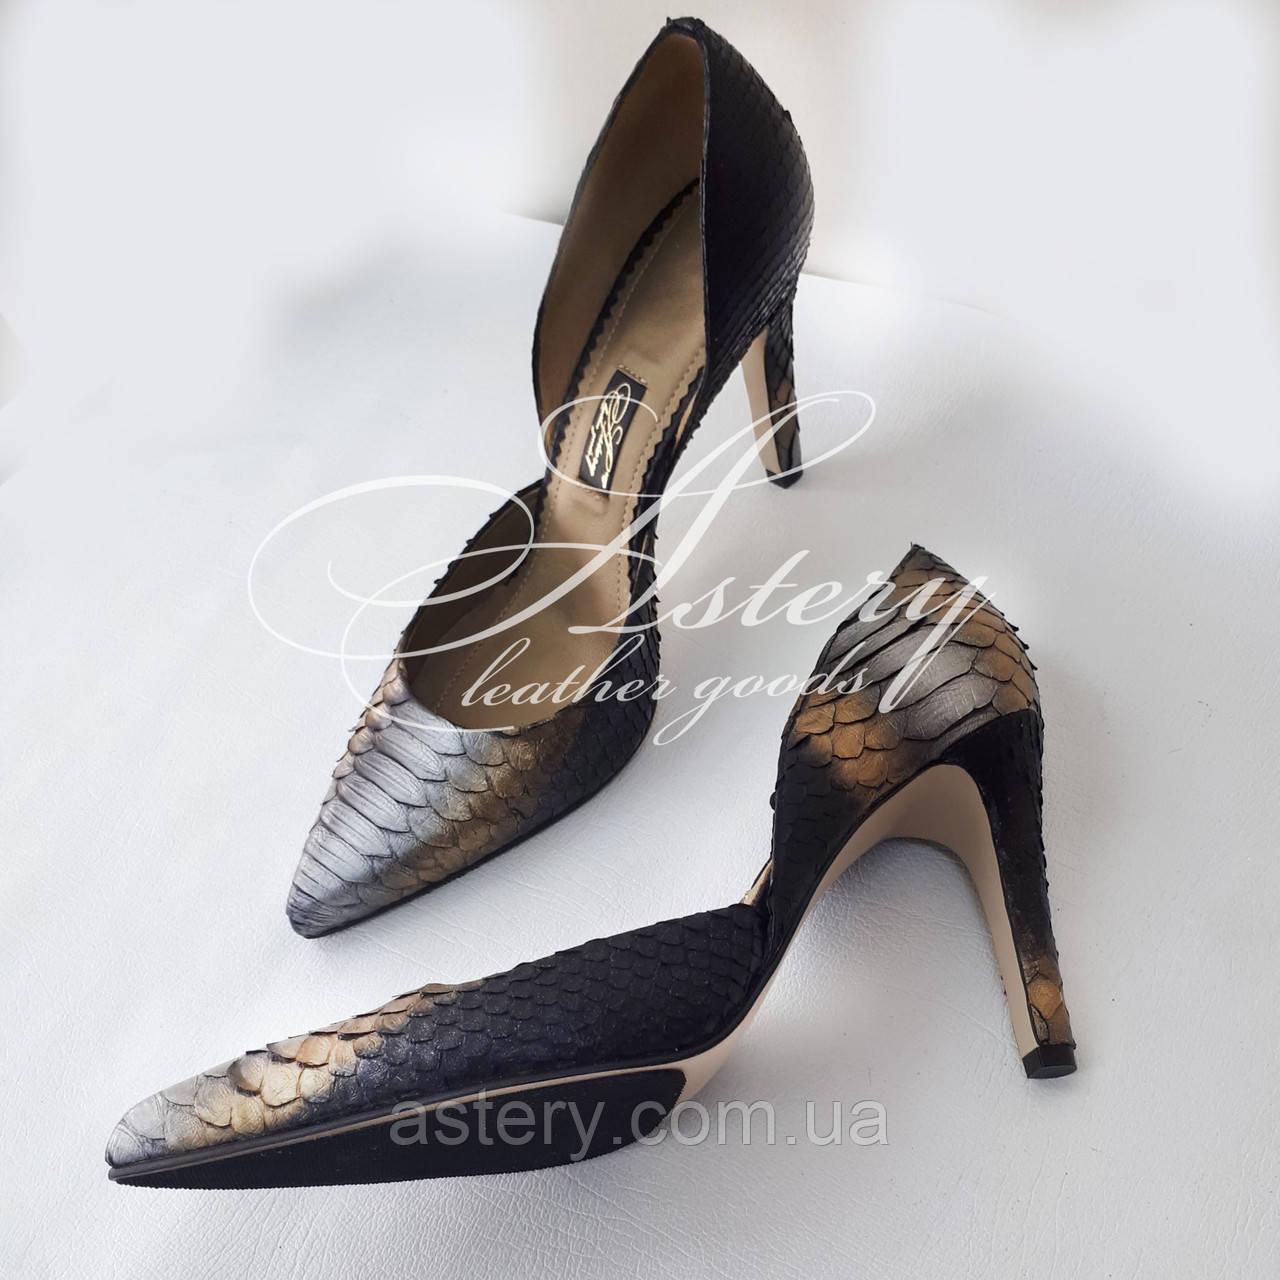 Женские серебристые туфли из питона на низкой шпильке